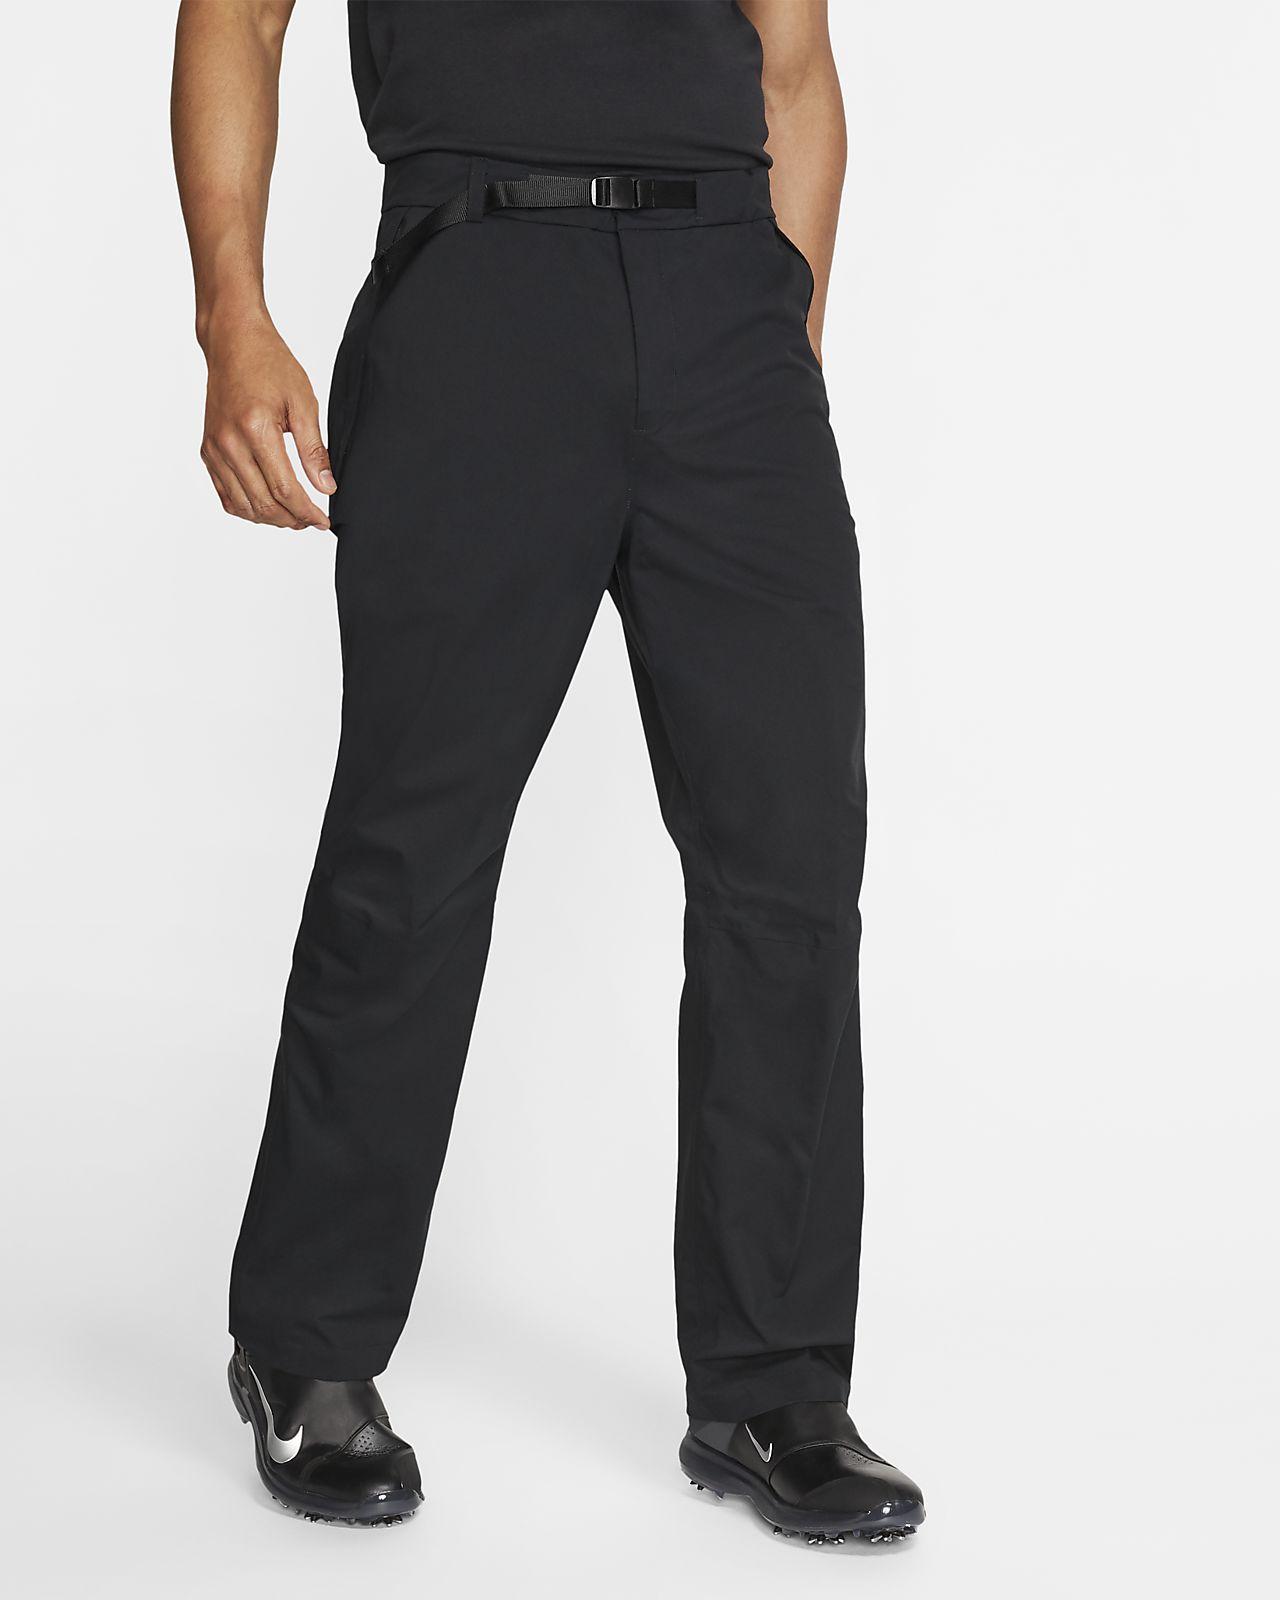 Nike Hypershield Pantalón de golf - Hombre